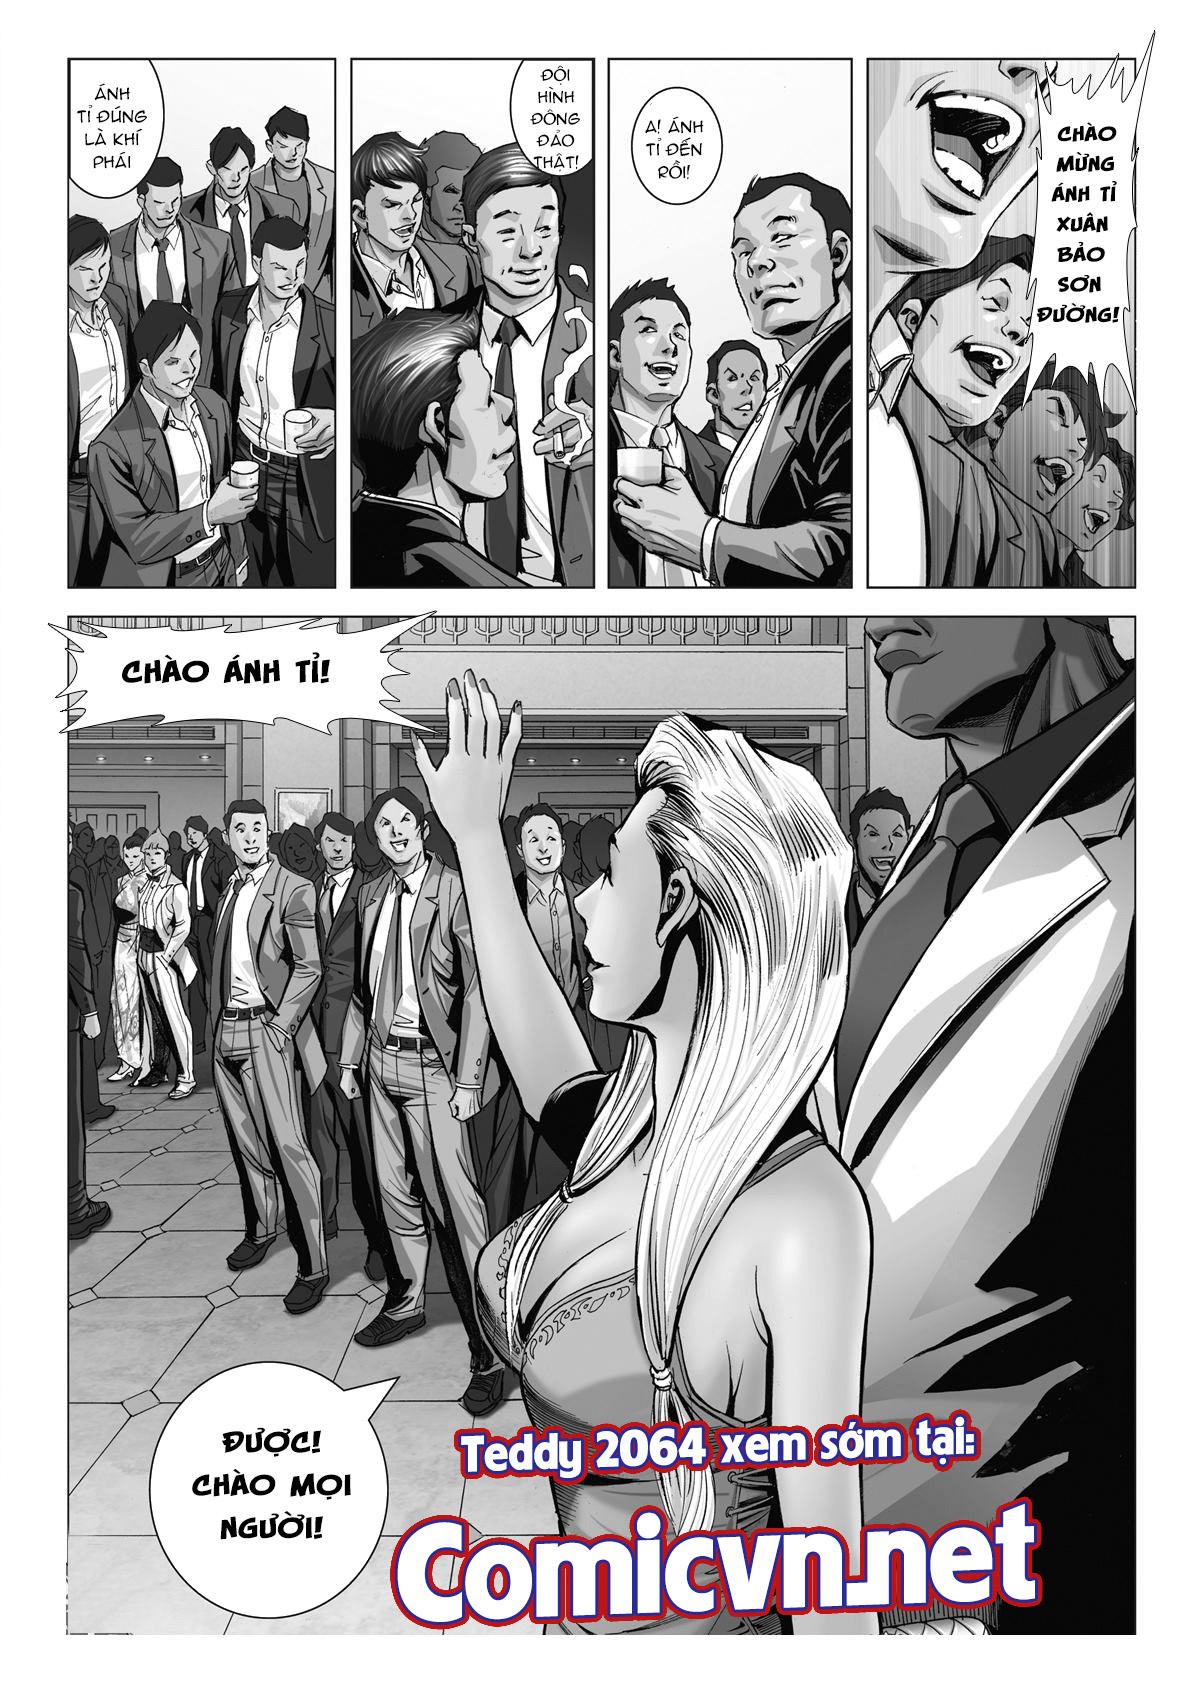 Người Trong Giang Hồ RAW Chương 2063 - NhoTruyen.Net